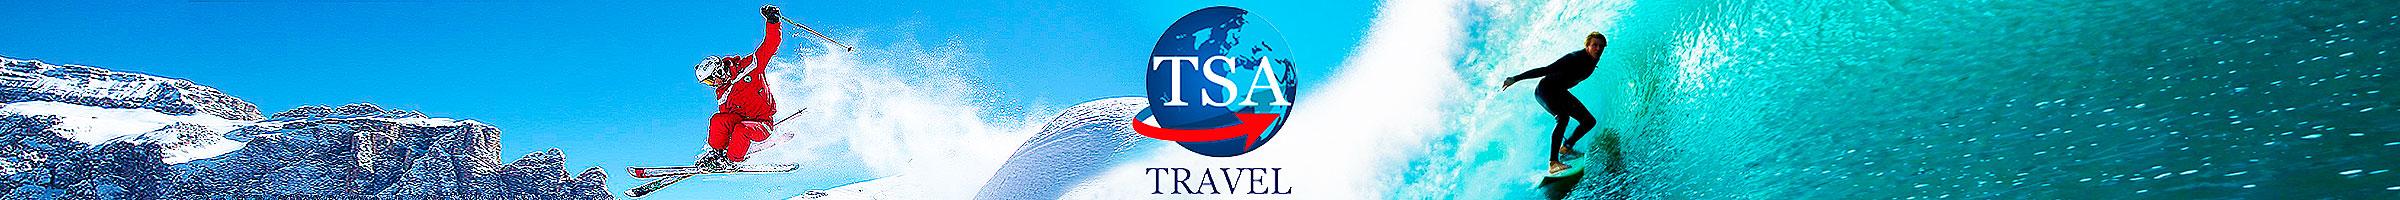 TSA .TRAVEL